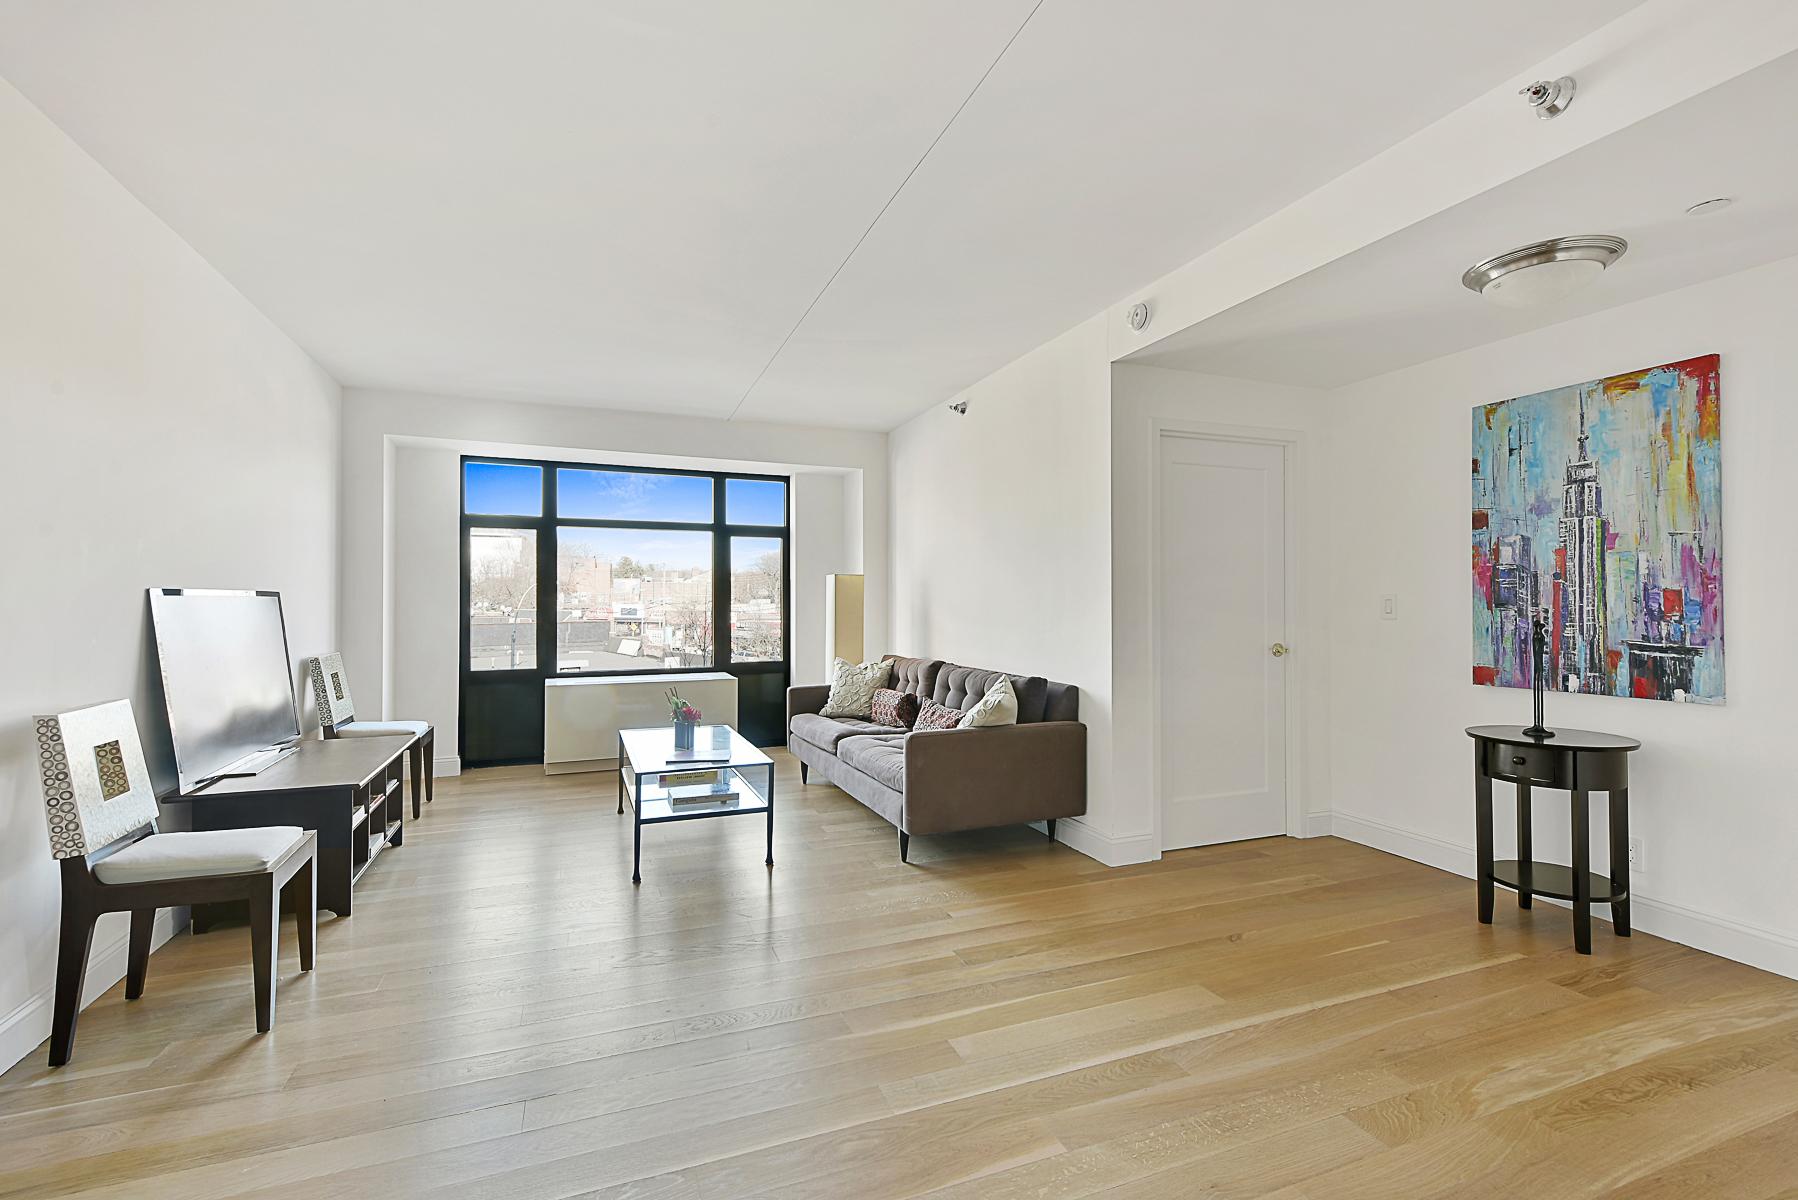 Condomínio para Venda às NEW CONDO 3 BR WITH PARKING 3536 Cambridge Avenue 5E Riverdale, Nova York, 10463 Estados Unidos